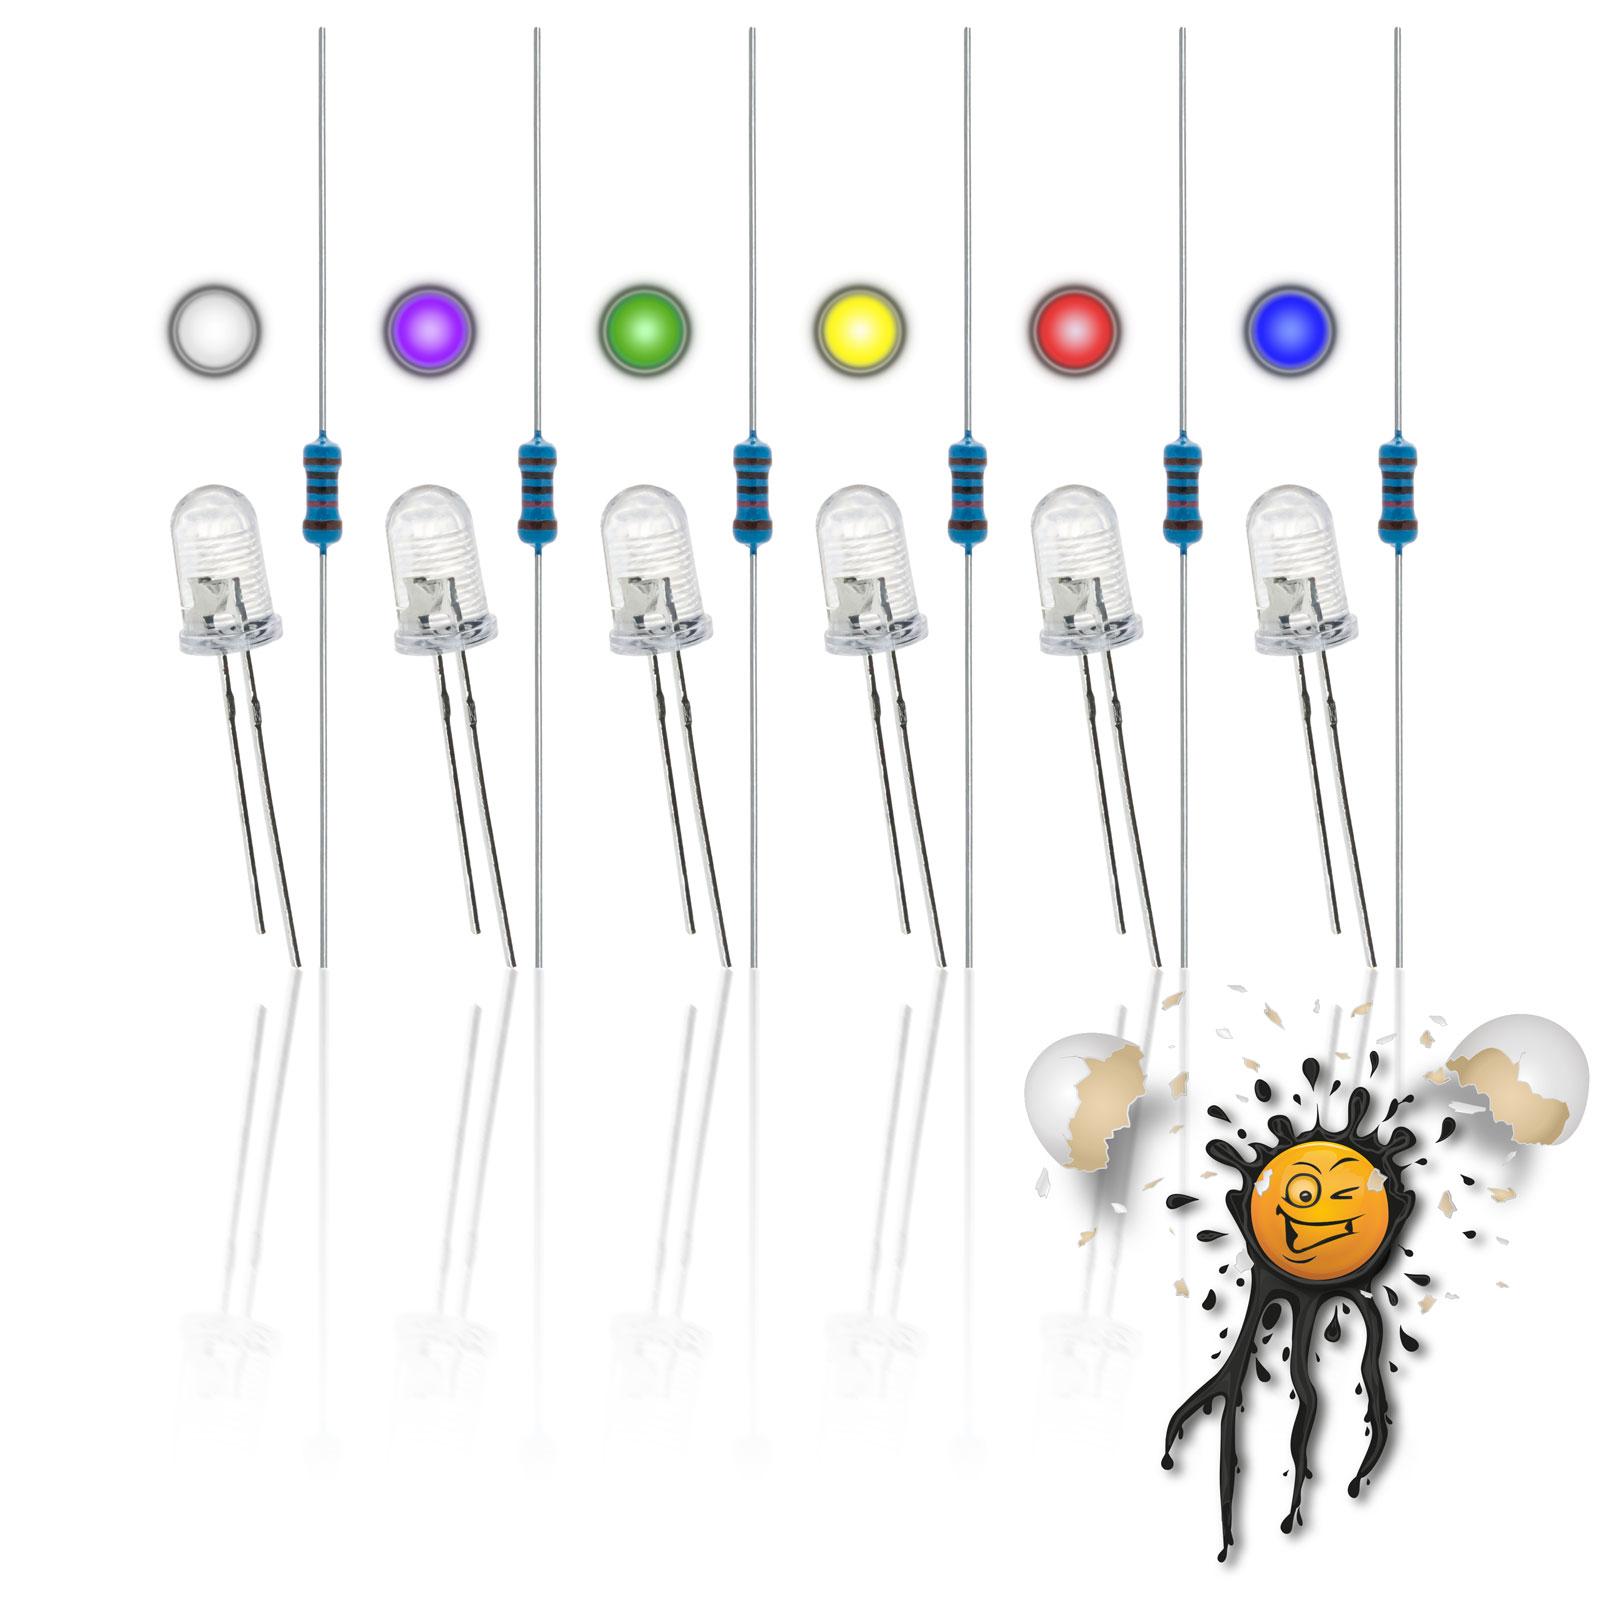 3 mm LED assortment incl. resistors